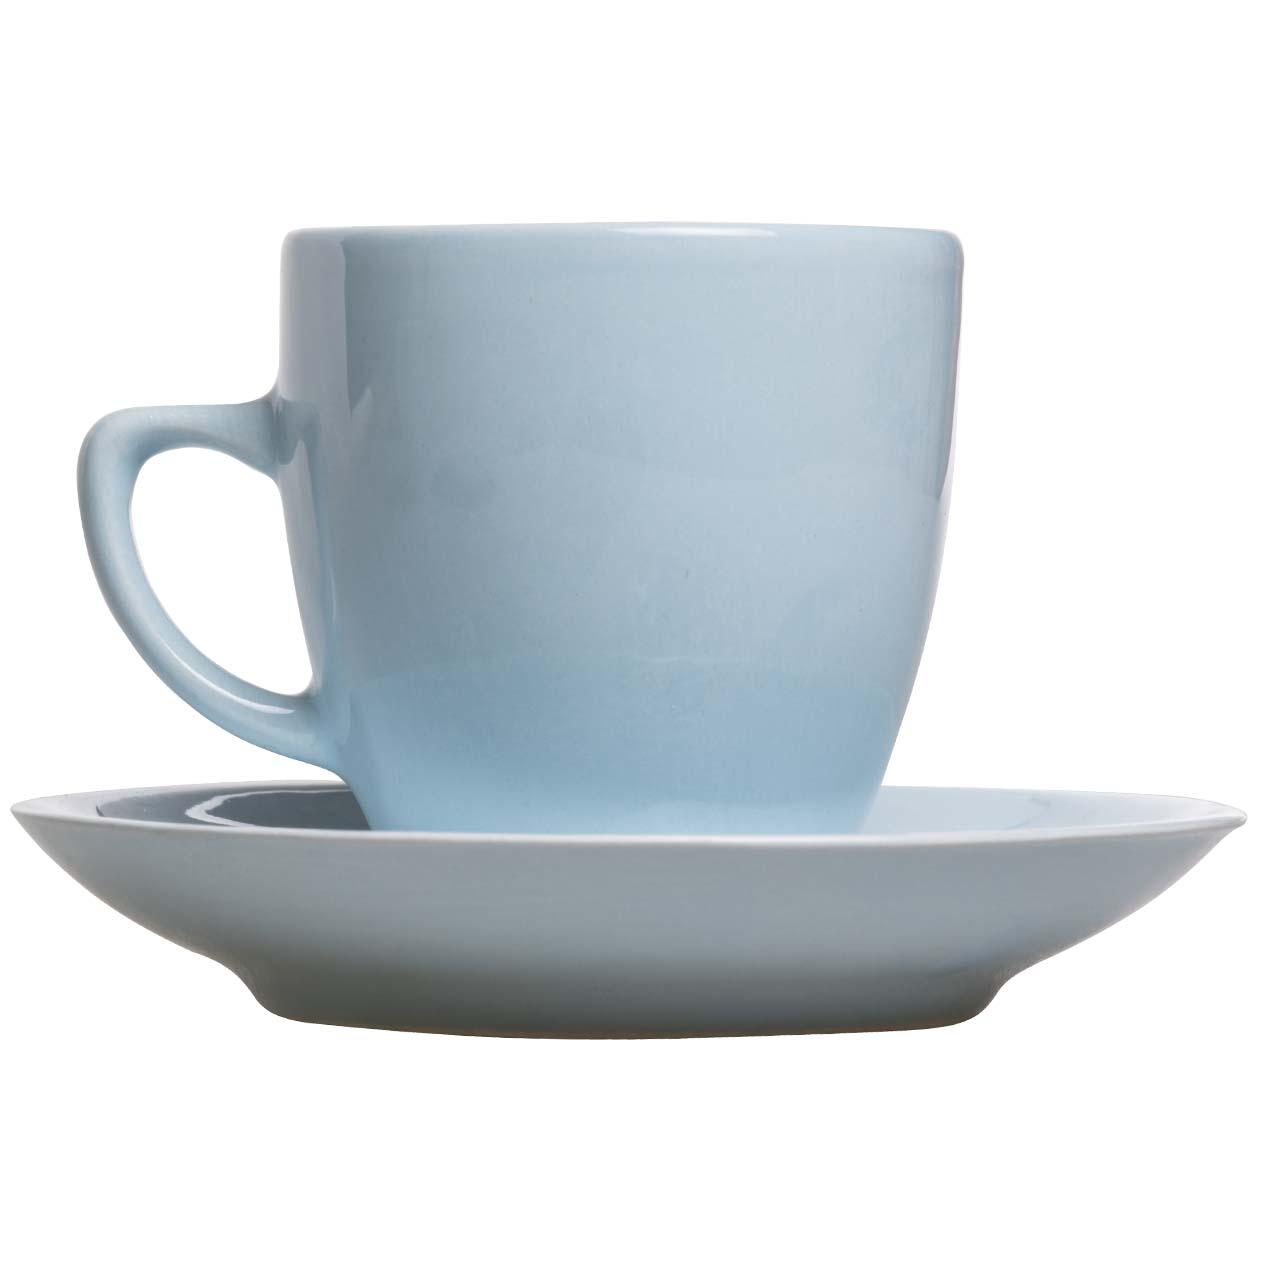 سرویس قهوه خوری 12 پارچه کد 3004